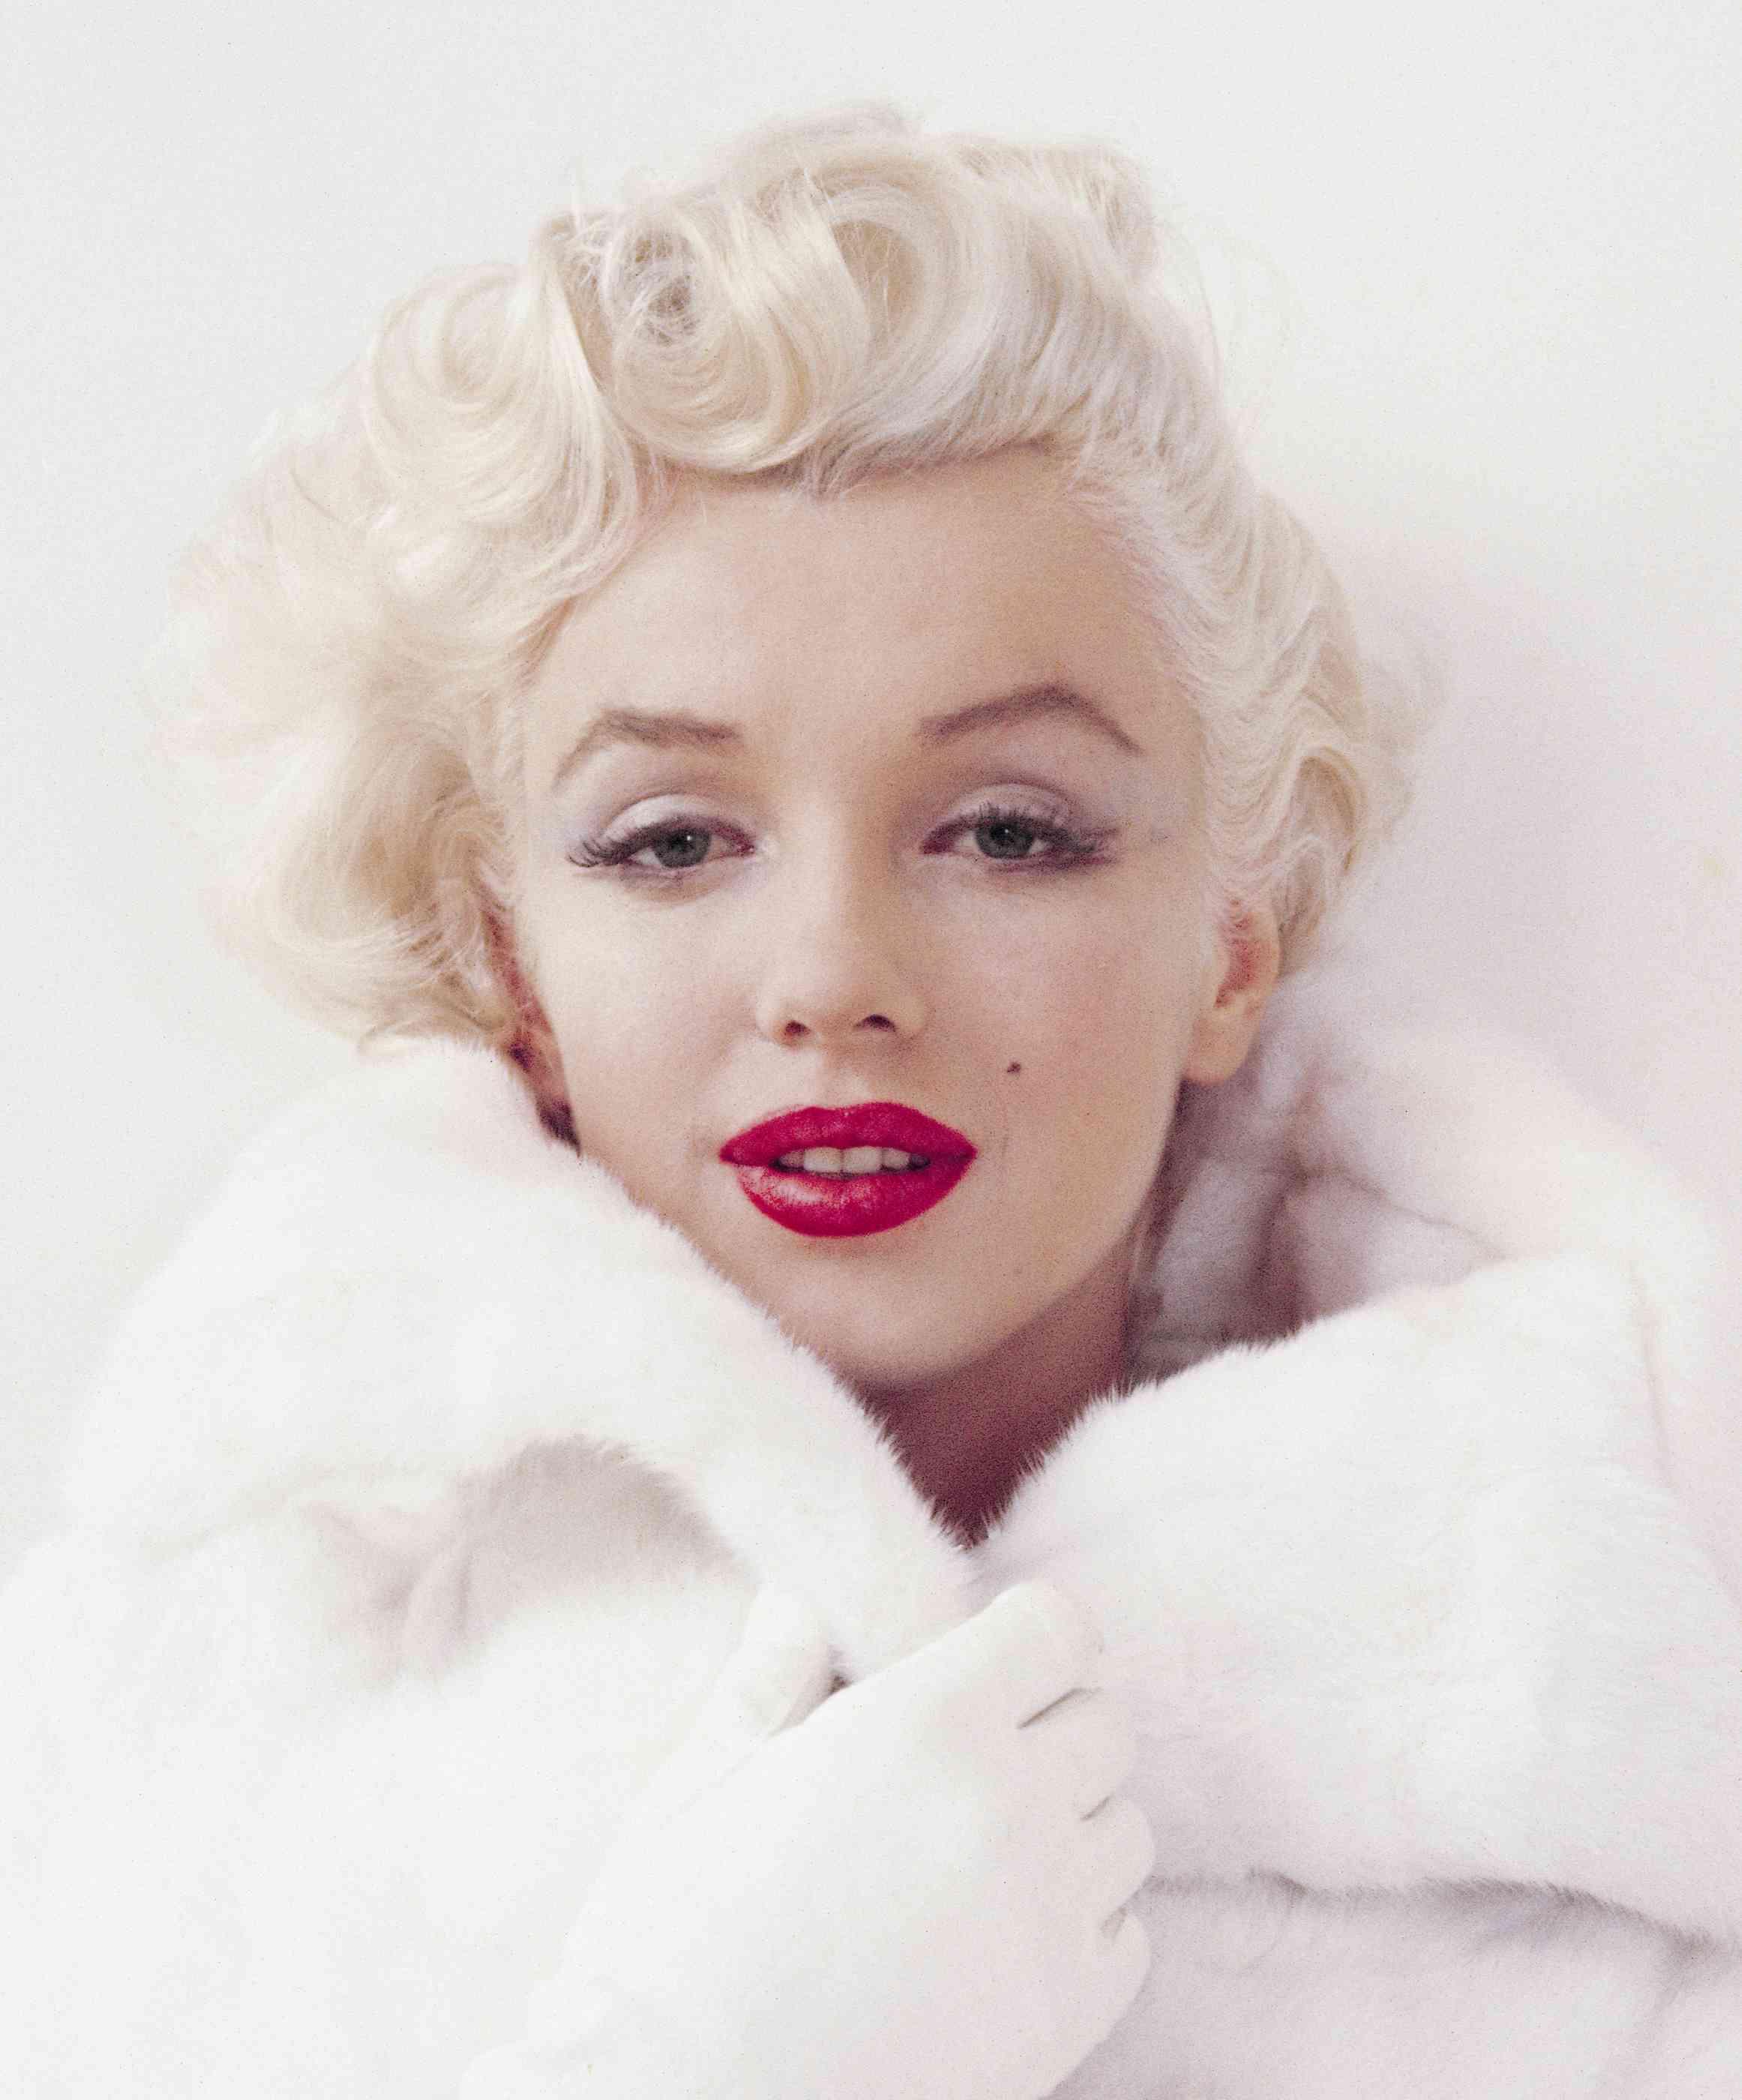 cb19d2764caa5 Marilyn Monroe By Greene